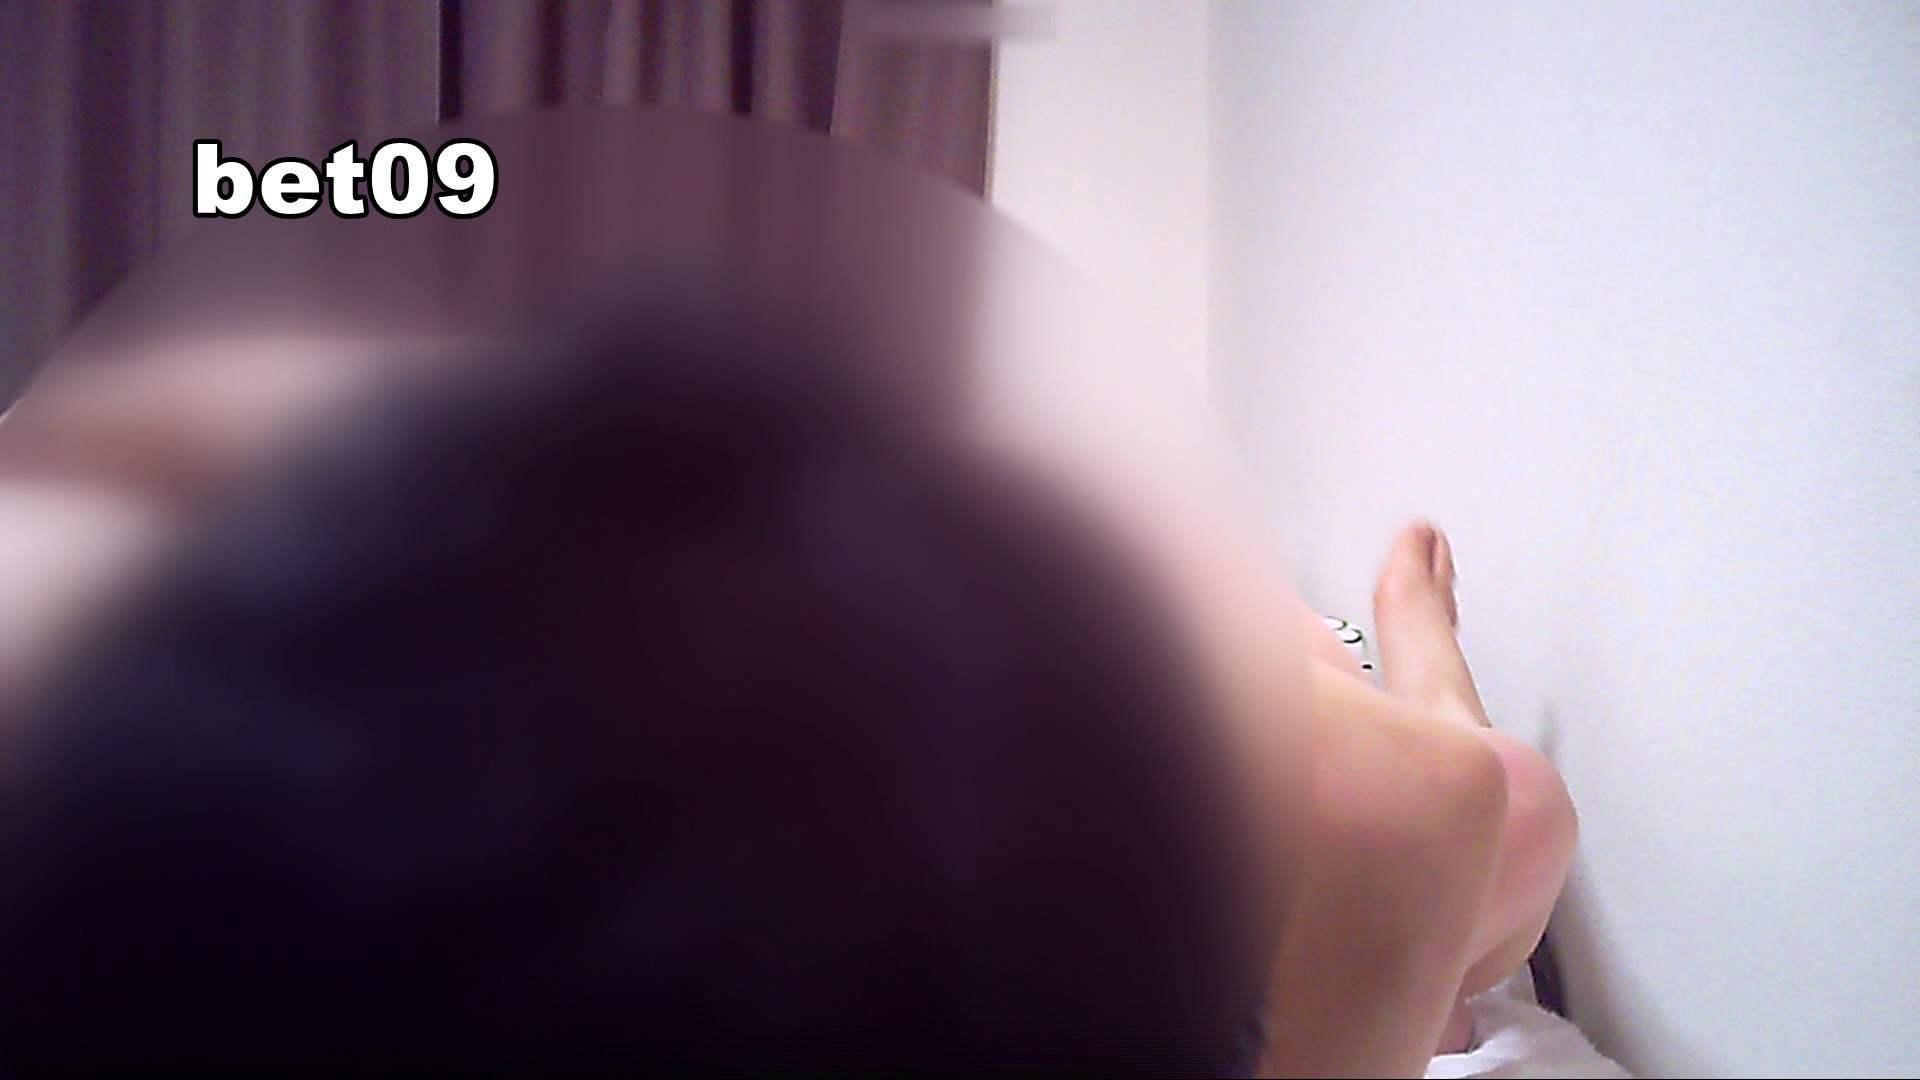 ミキ・大手旅行代理店勤務(24歳・仮名) vol.09 ミキの顔が紅潮してきます セックス  72PIX 30